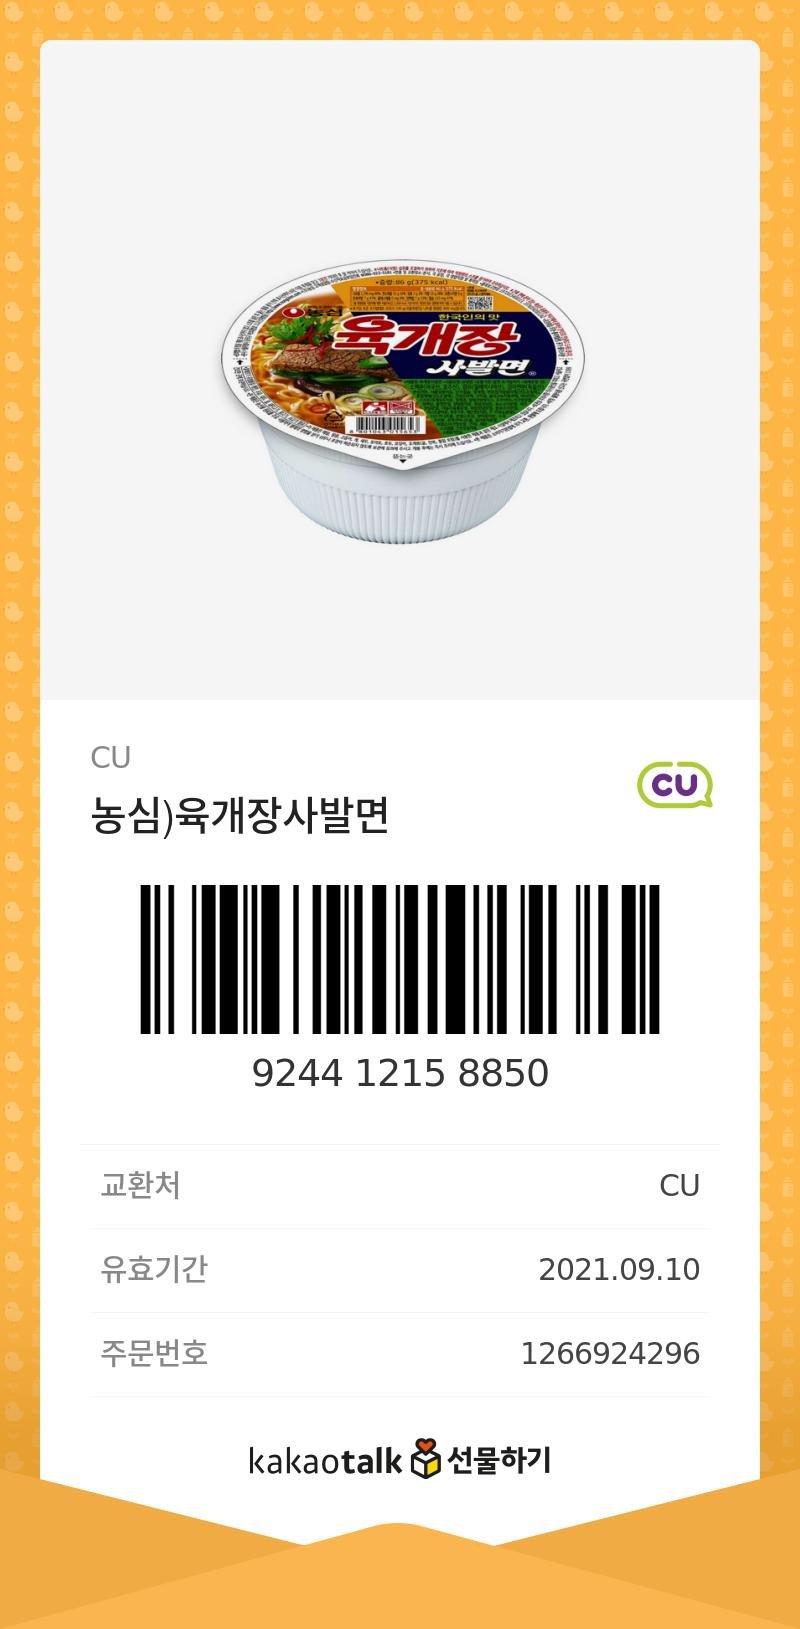 viewimage.php?id=2fb9&no=24b0d769e1d32ca73fec8ffa11d0283194eeae3ea3f7d0da351cf9d3408d70137608b6422e721397d46edf85210b2b979b66cfccb0c7dcee926bdda86b4cd4bc5ae766306dd014187a9fb38f